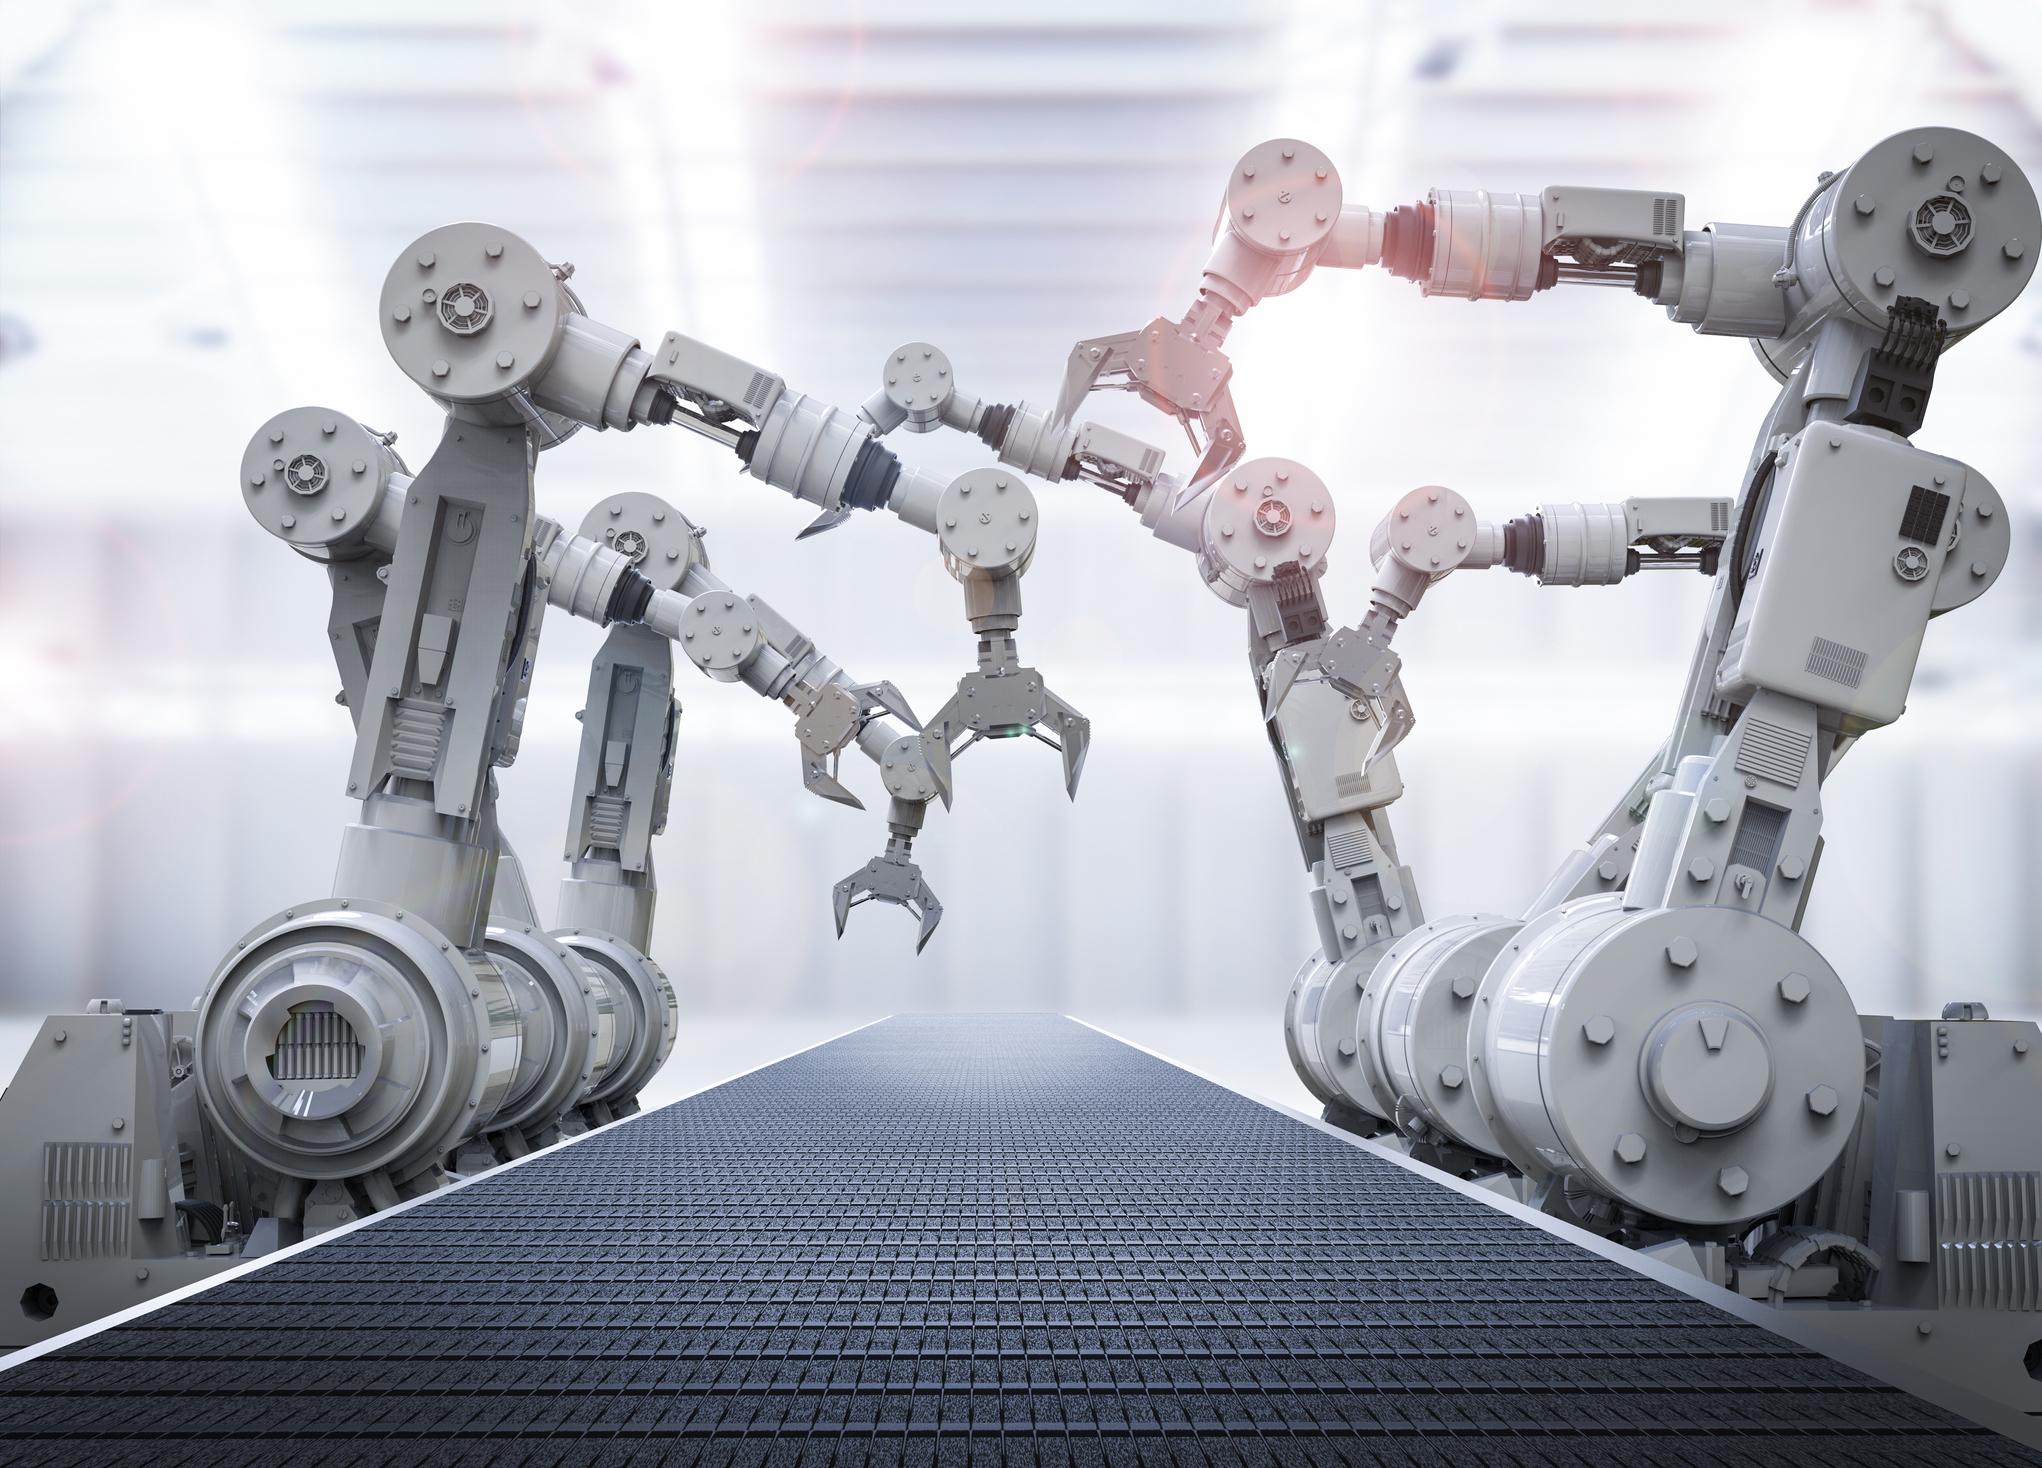 【機械・電気系技術者】2018年4月新卒募集 福岡のエンジニアリングカンパニー